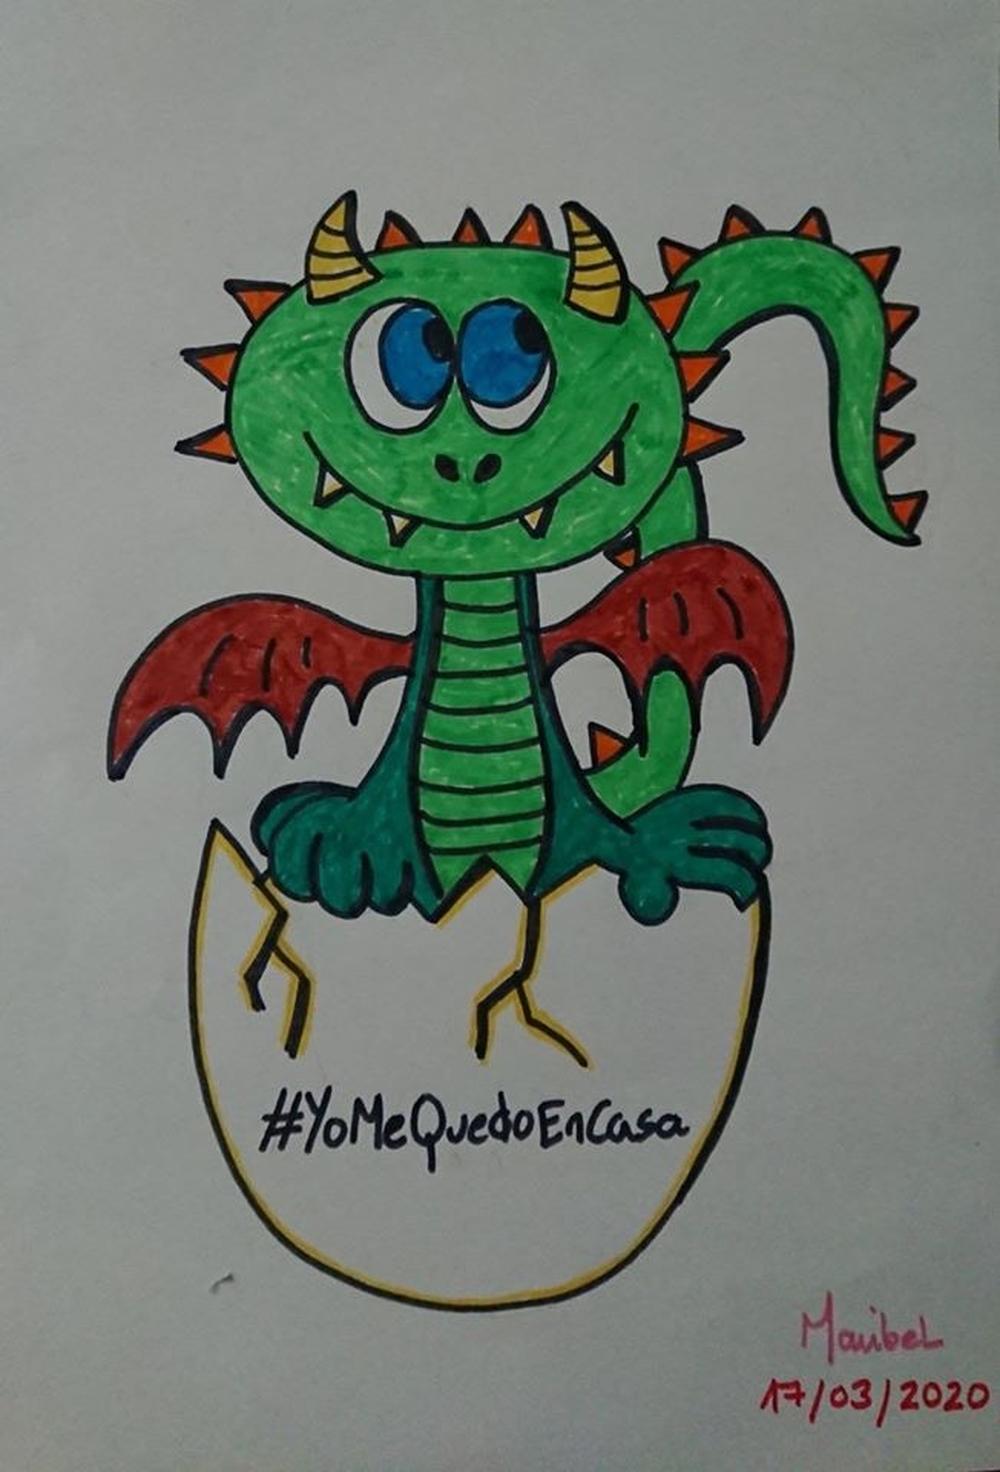 Campaña de dibujos promovida por El Castillo Encantado